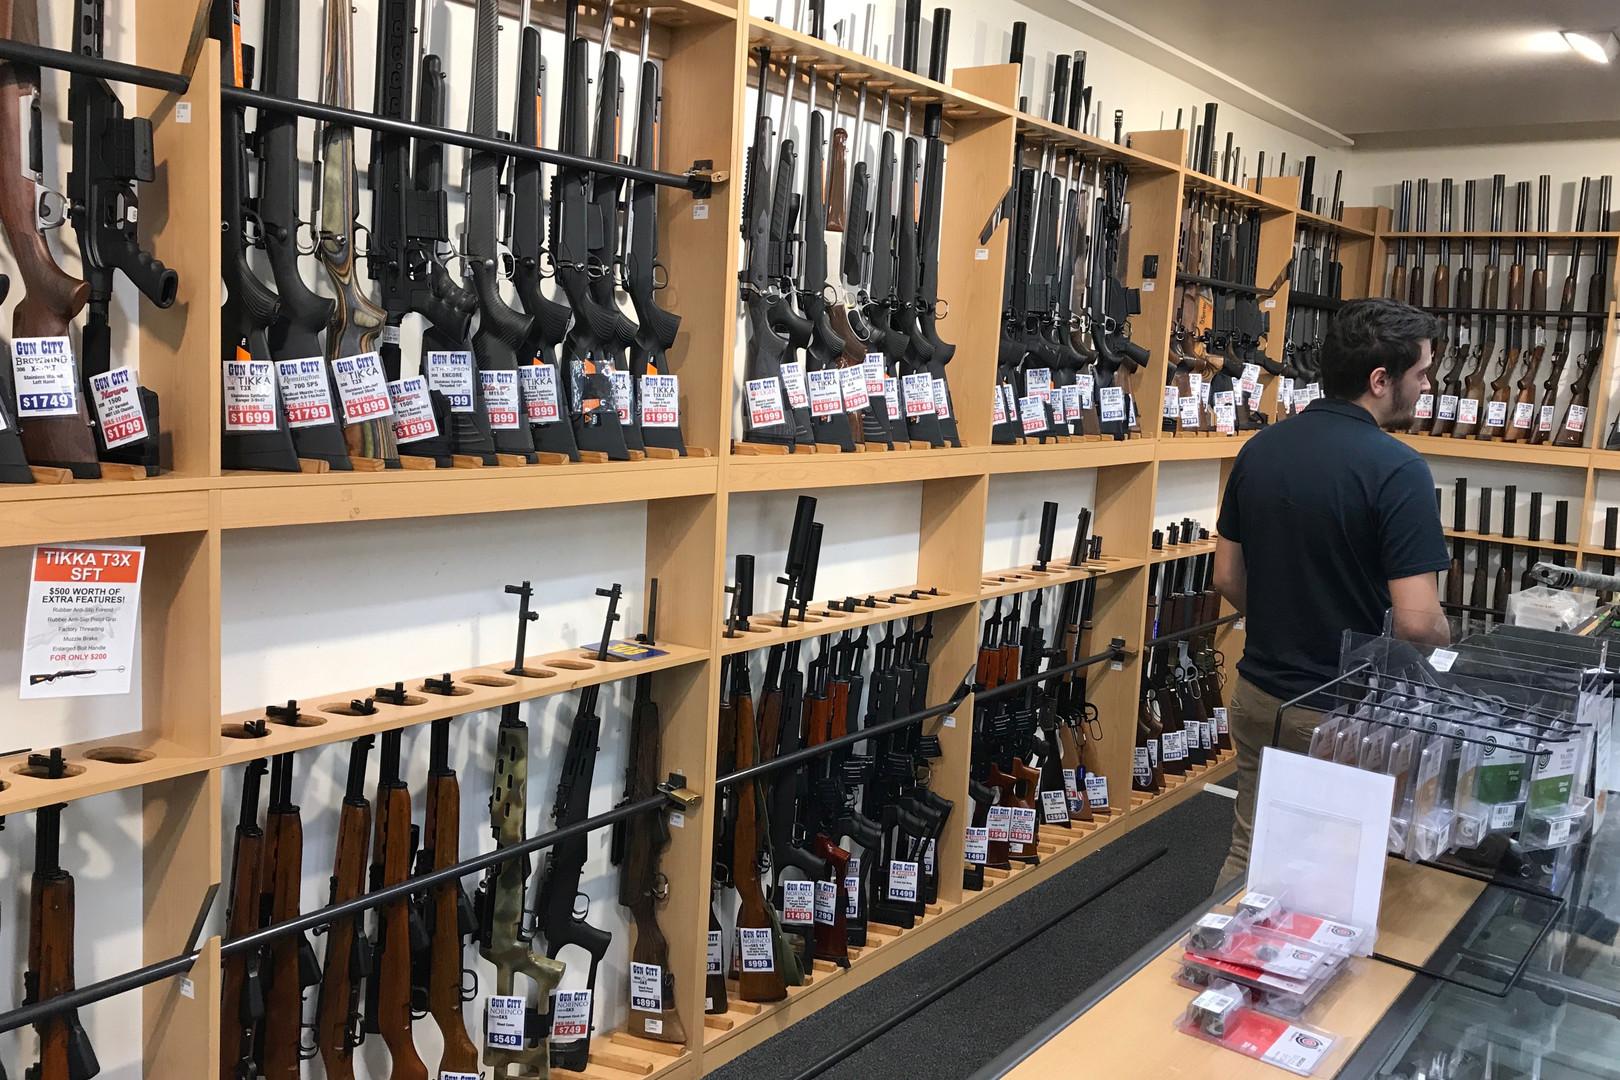 نيوزيلندا تشتري 10 آلاف قطعة سلاح من مواطنيها تفاديا لتكرار